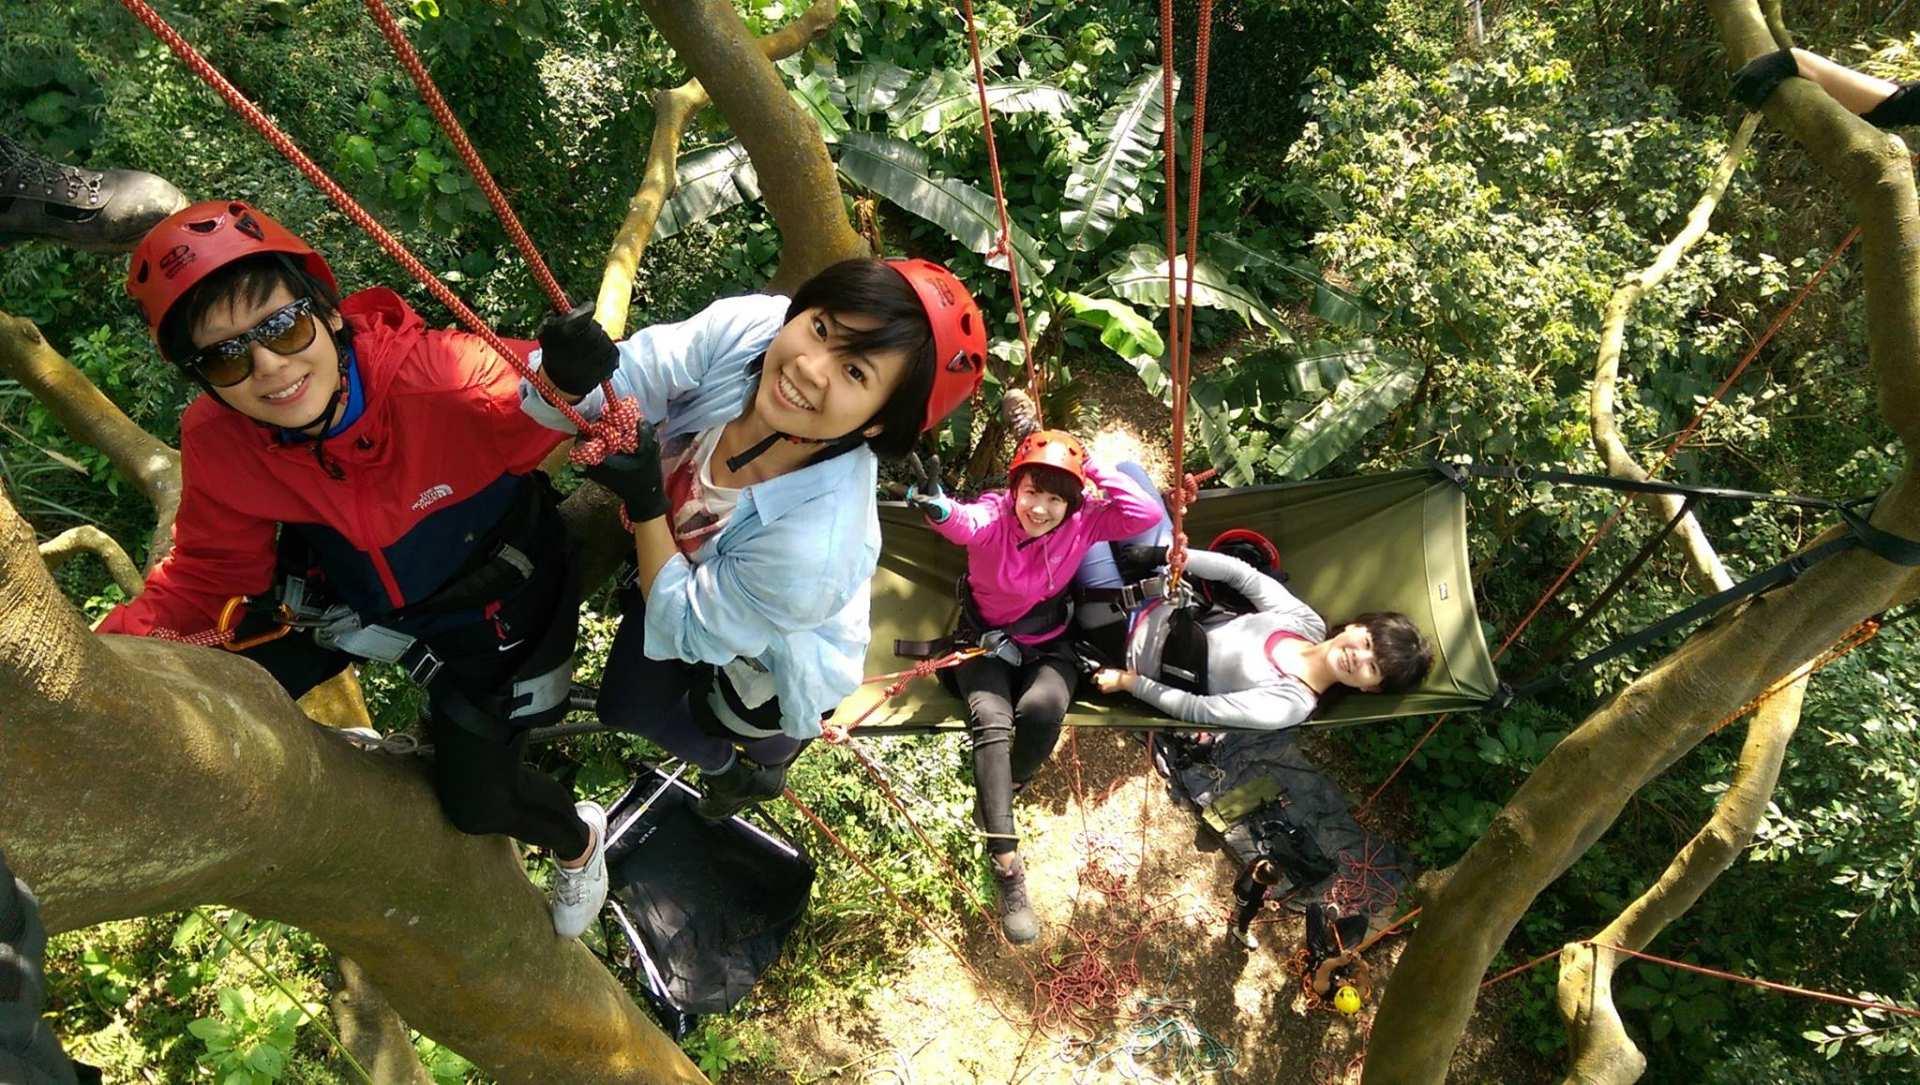 國家級教練團隊指導-親子攀樹體驗